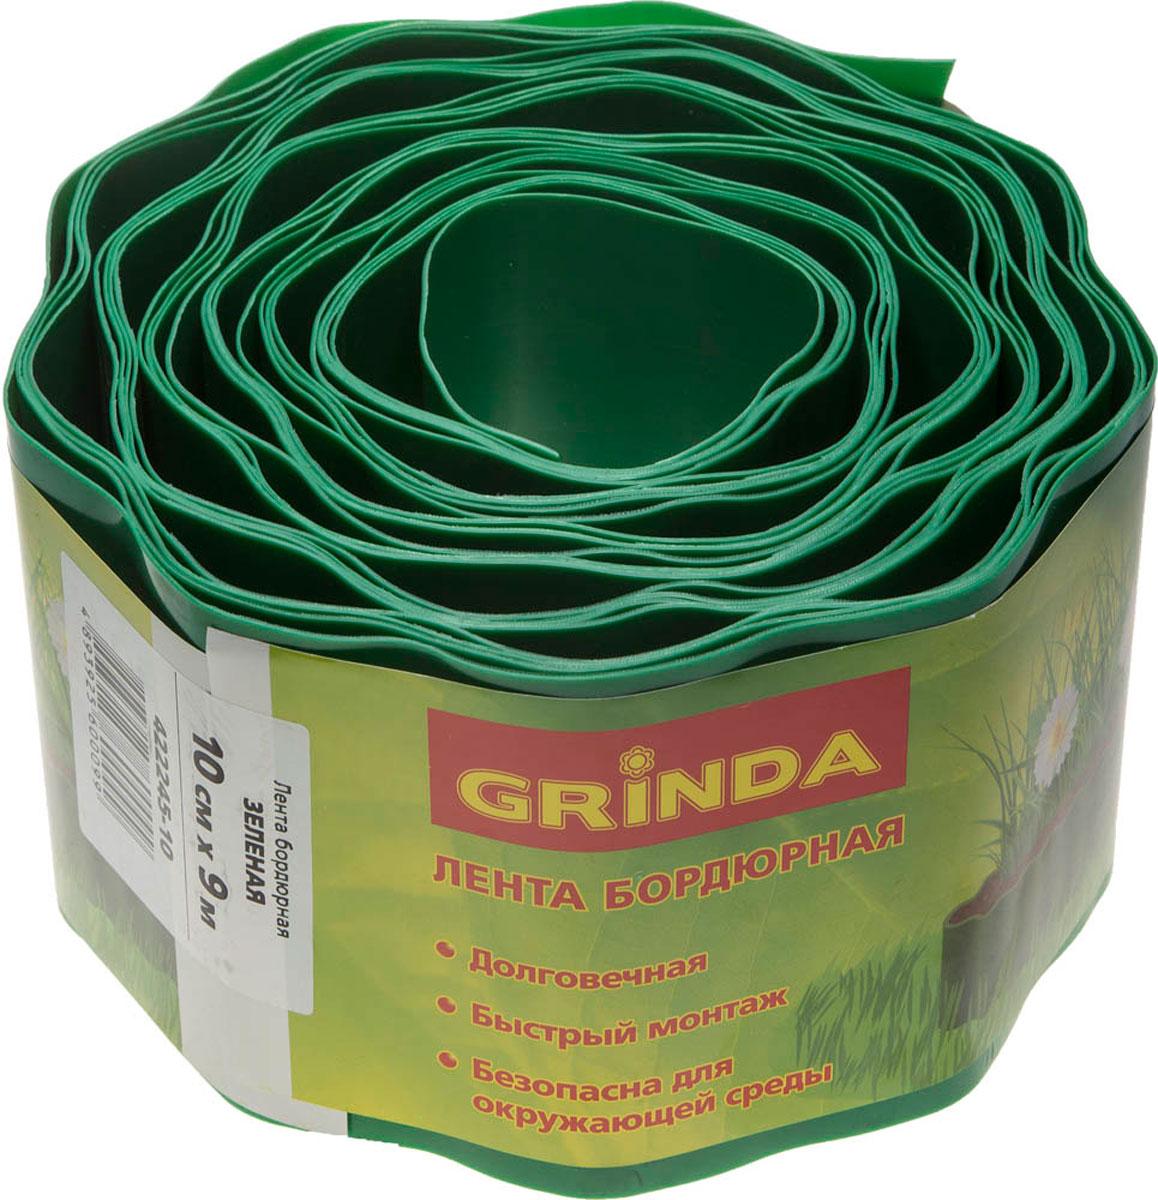 цена на Лента бордюрная Grinda, цвет: зеленый, 10 см х 9 м